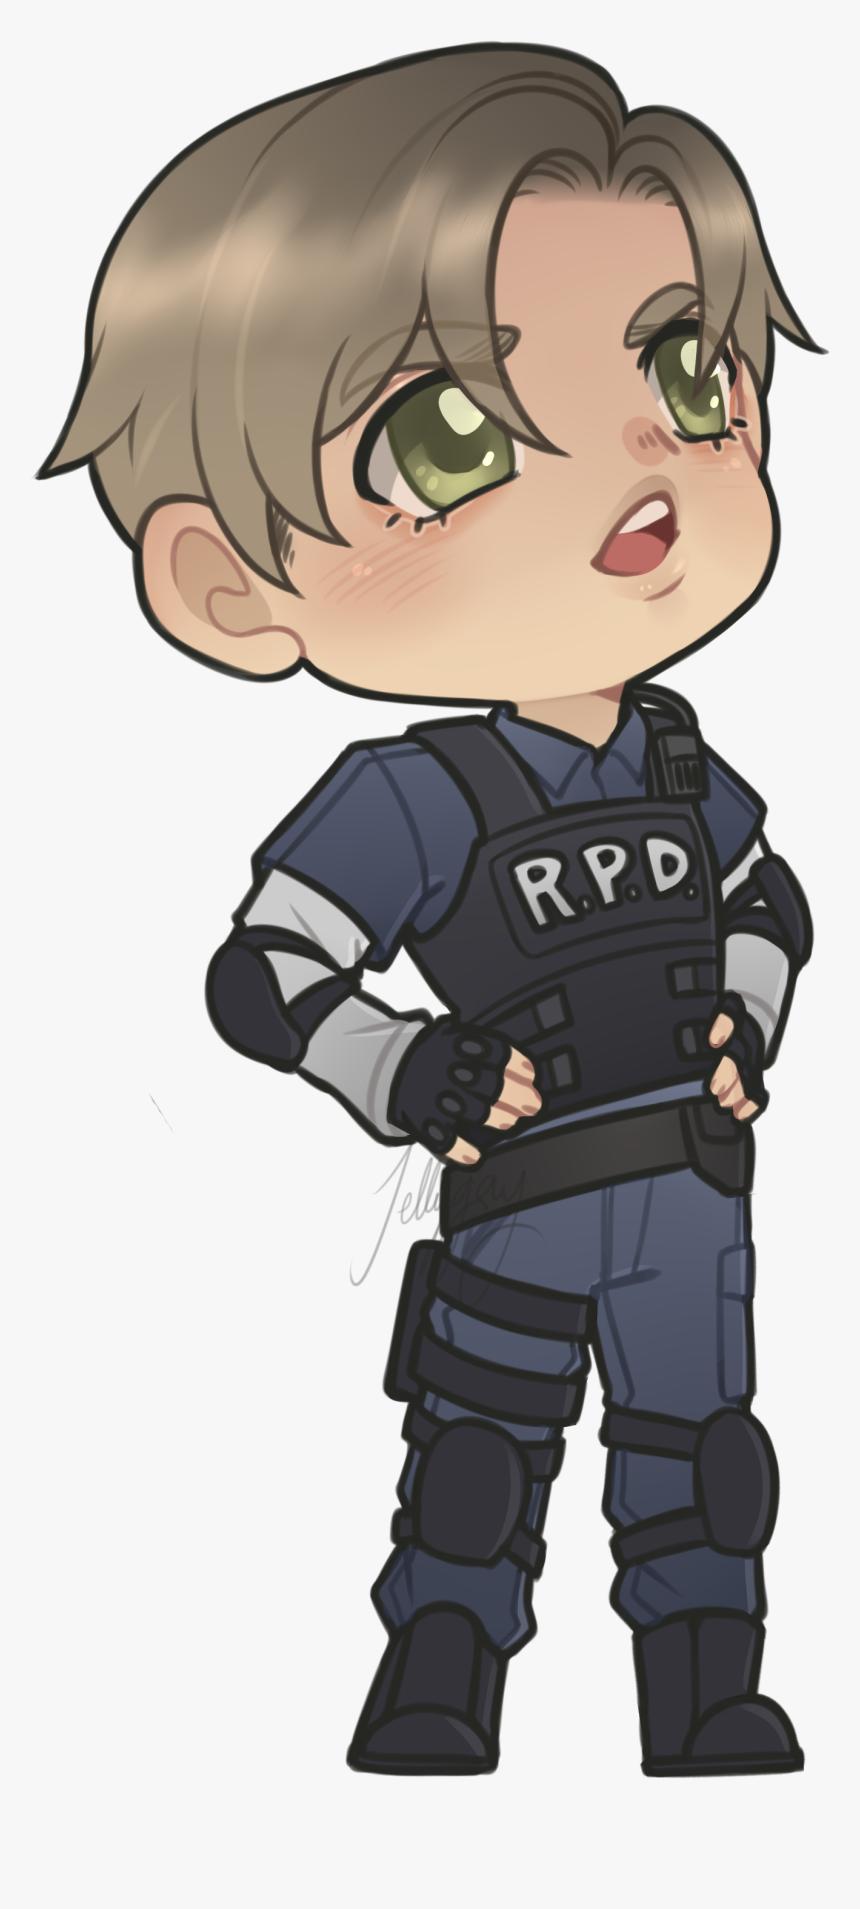 Resident Evil Leon Fanart Hd Png Download Kindpng